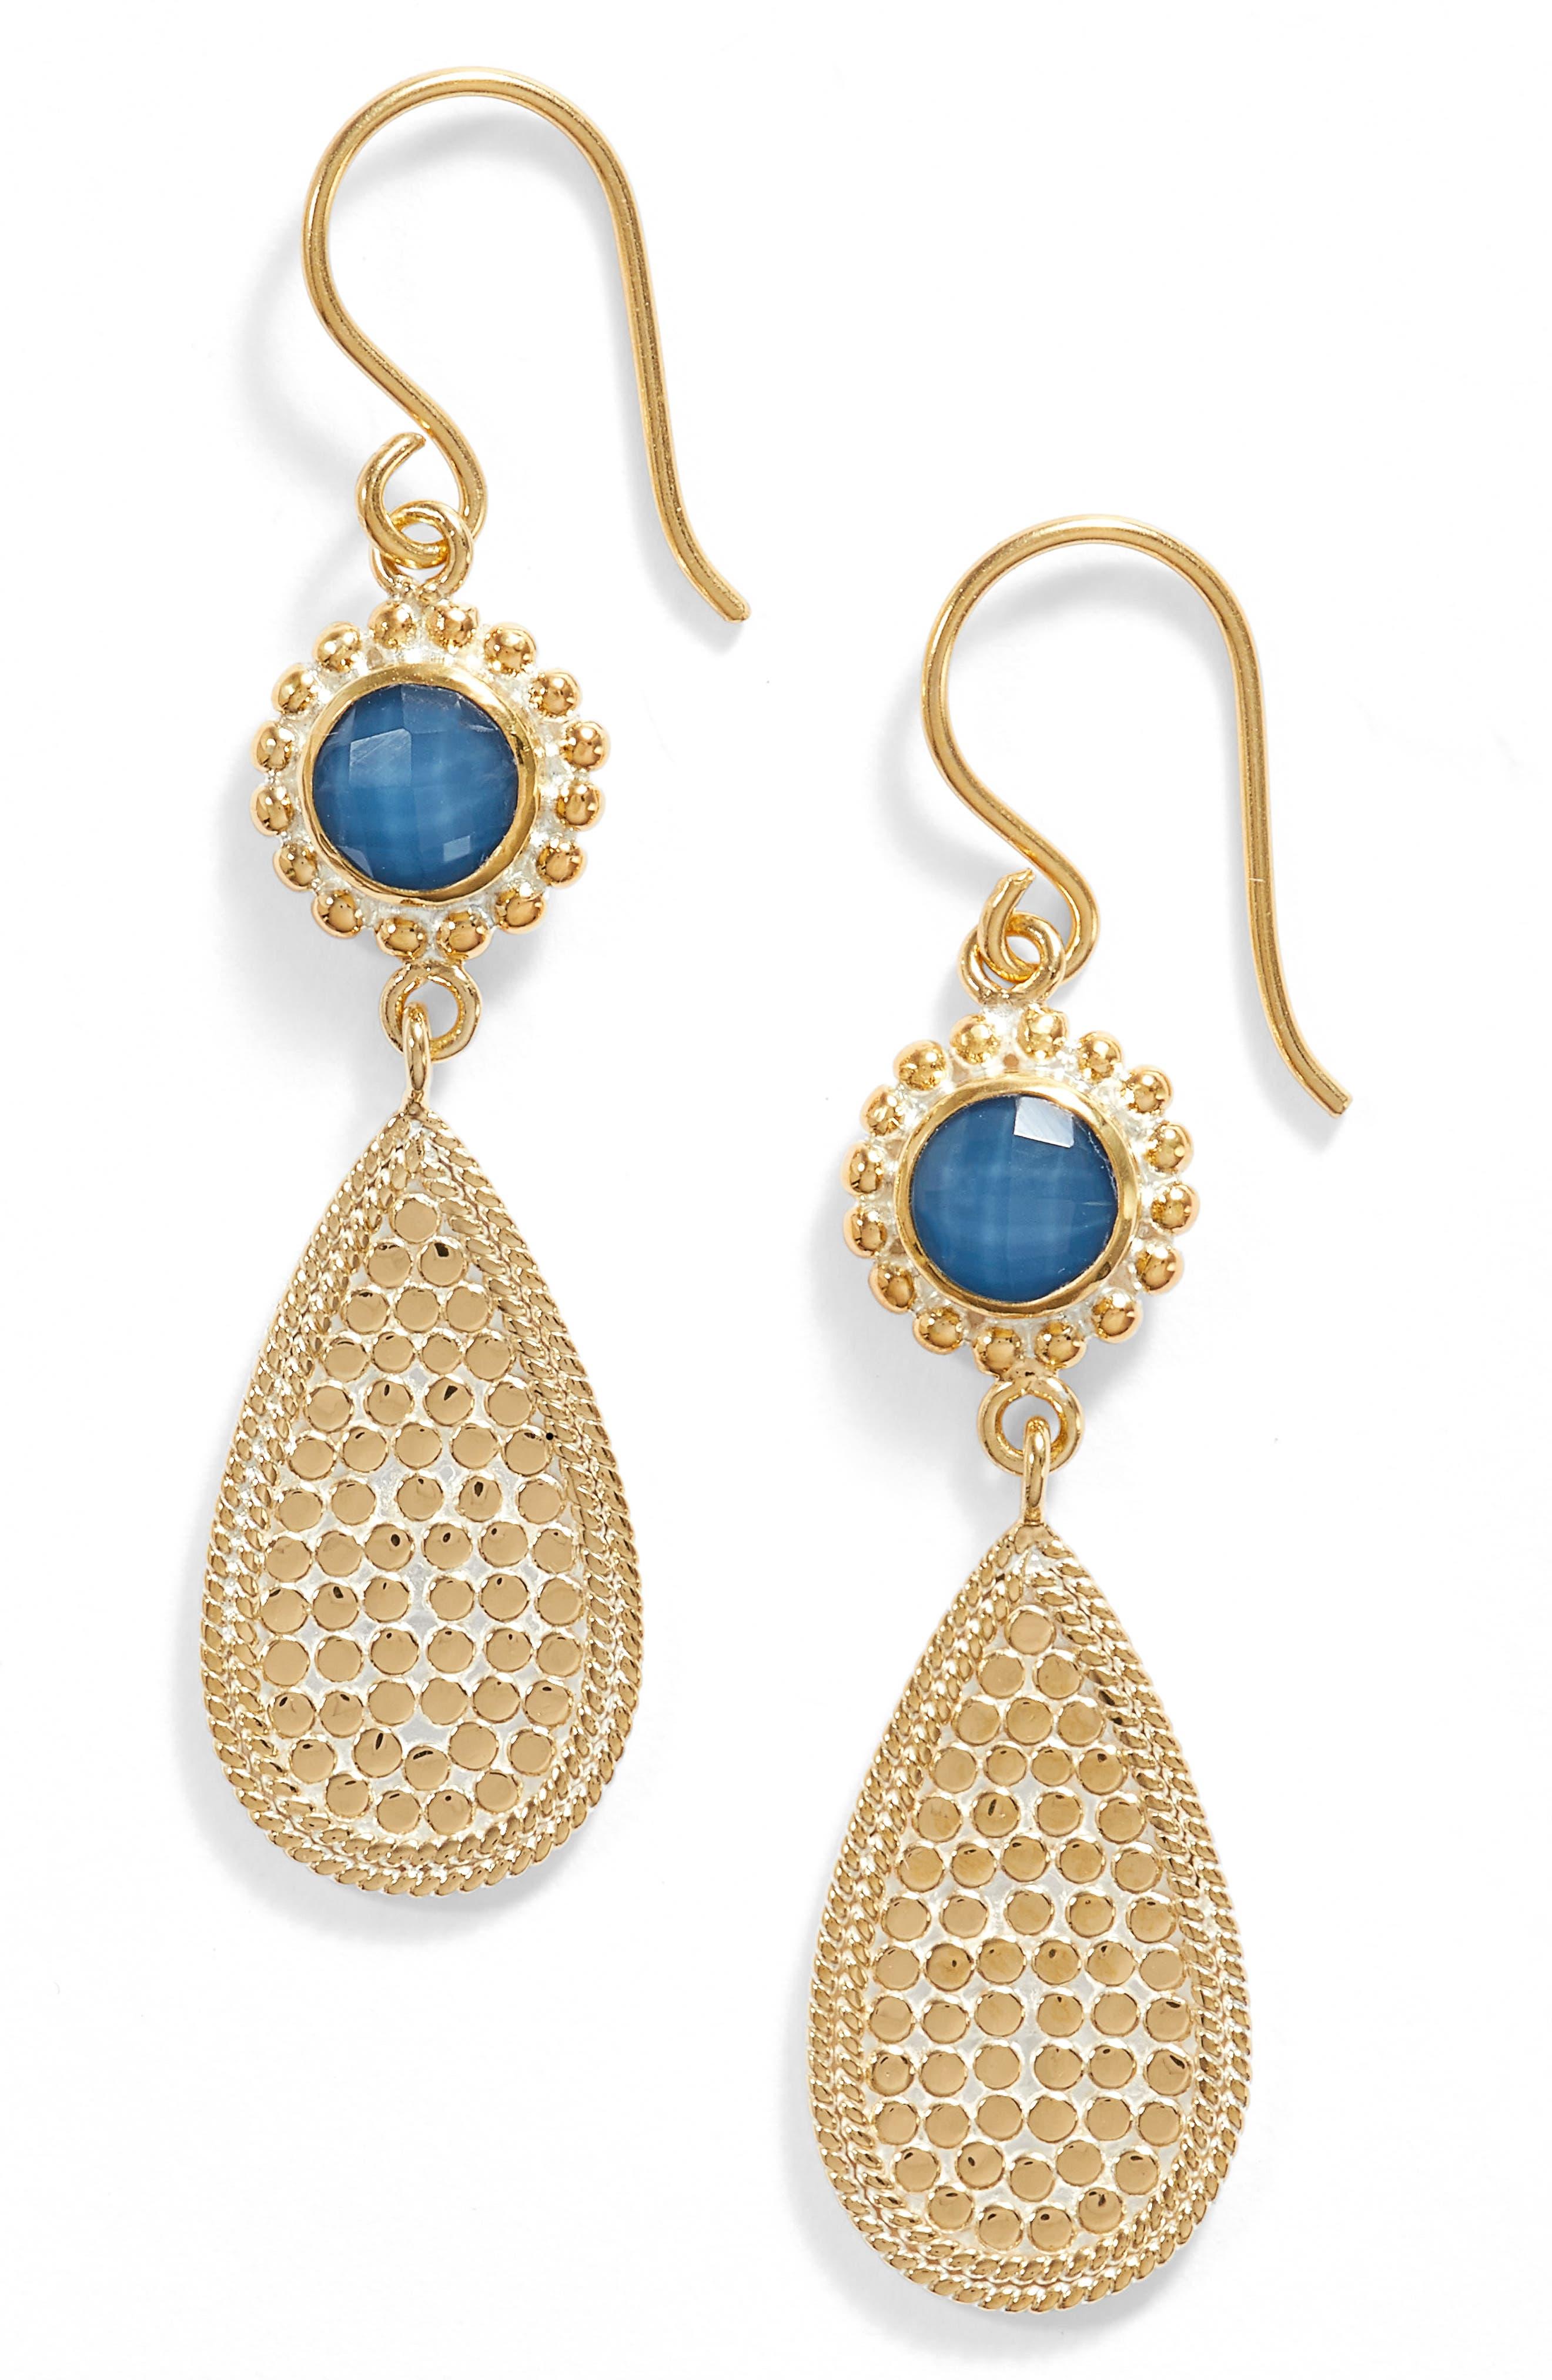 Blue Quartz Double Drop Earrings,                             Main thumbnail 1, color,                             400